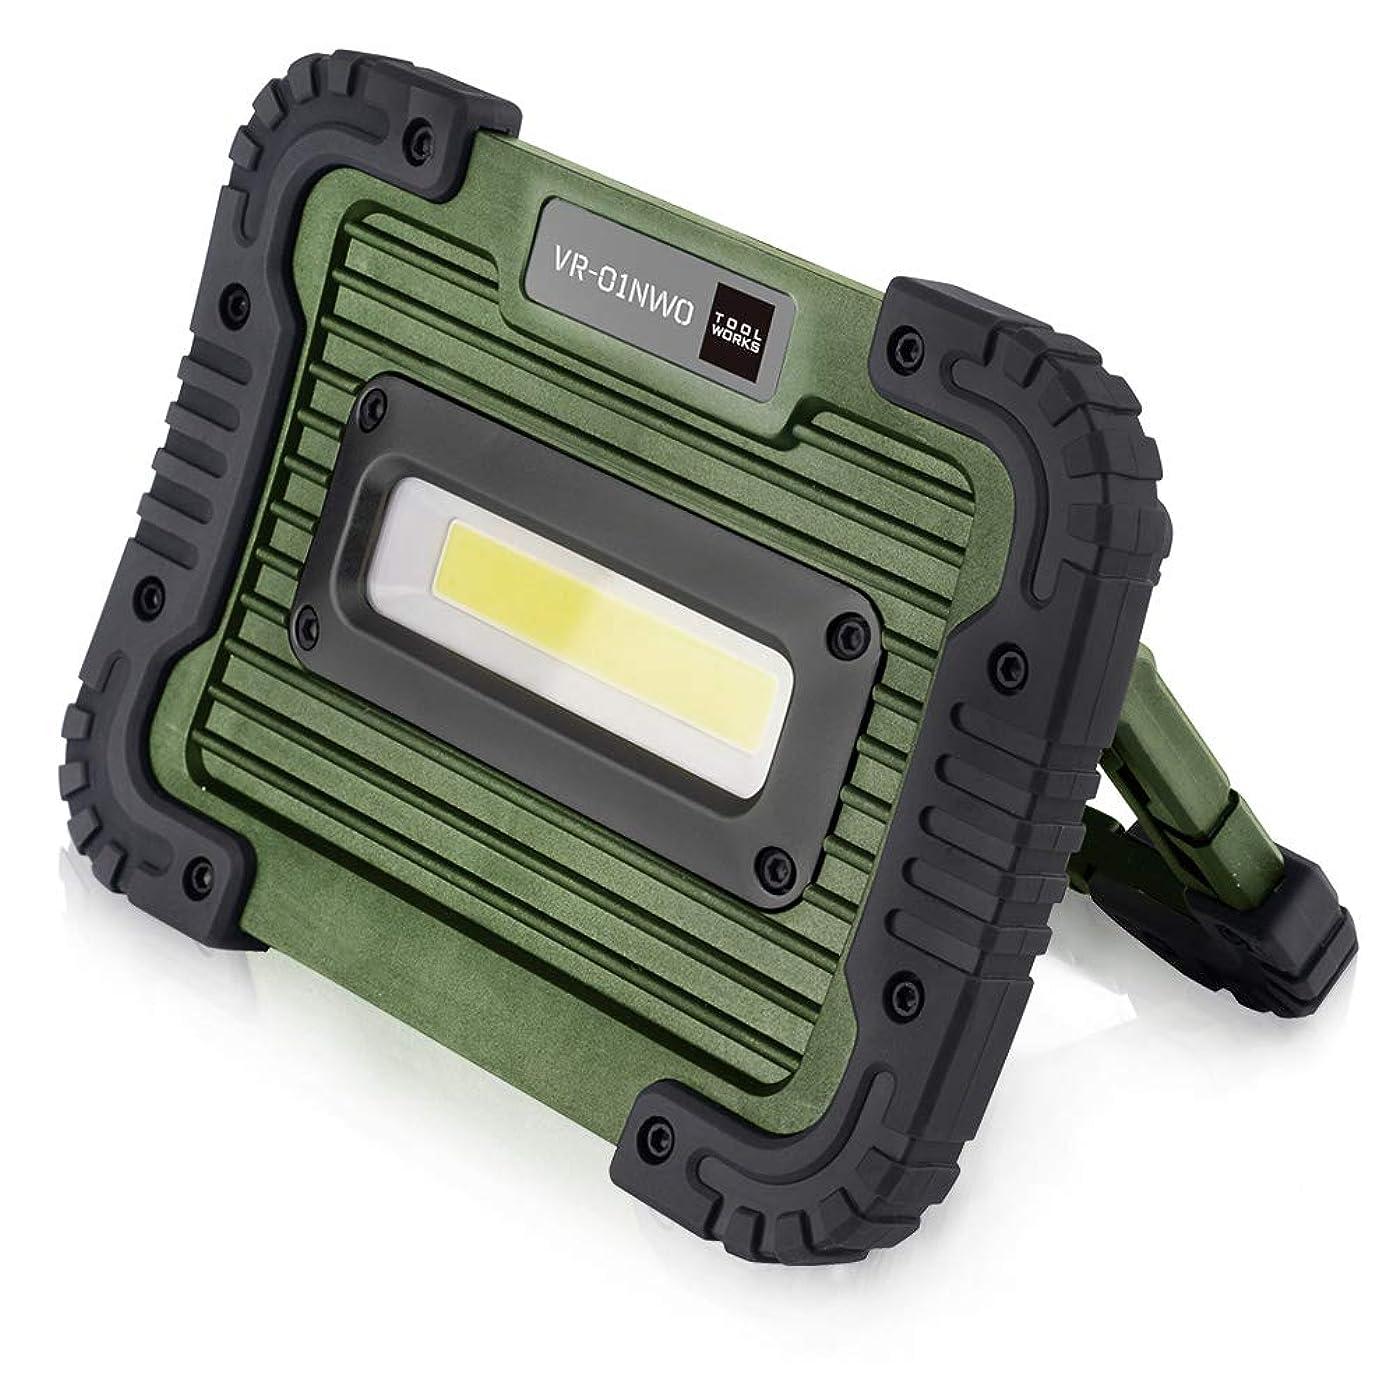 厚くするメナジェリーブートキシマ LED 作業灯 750lm COBタイプ 電池式 防水 防塵 耐衝撃 IP65 軽量 スタンド 壁掛け フック マグネット ハンディ オリーブ